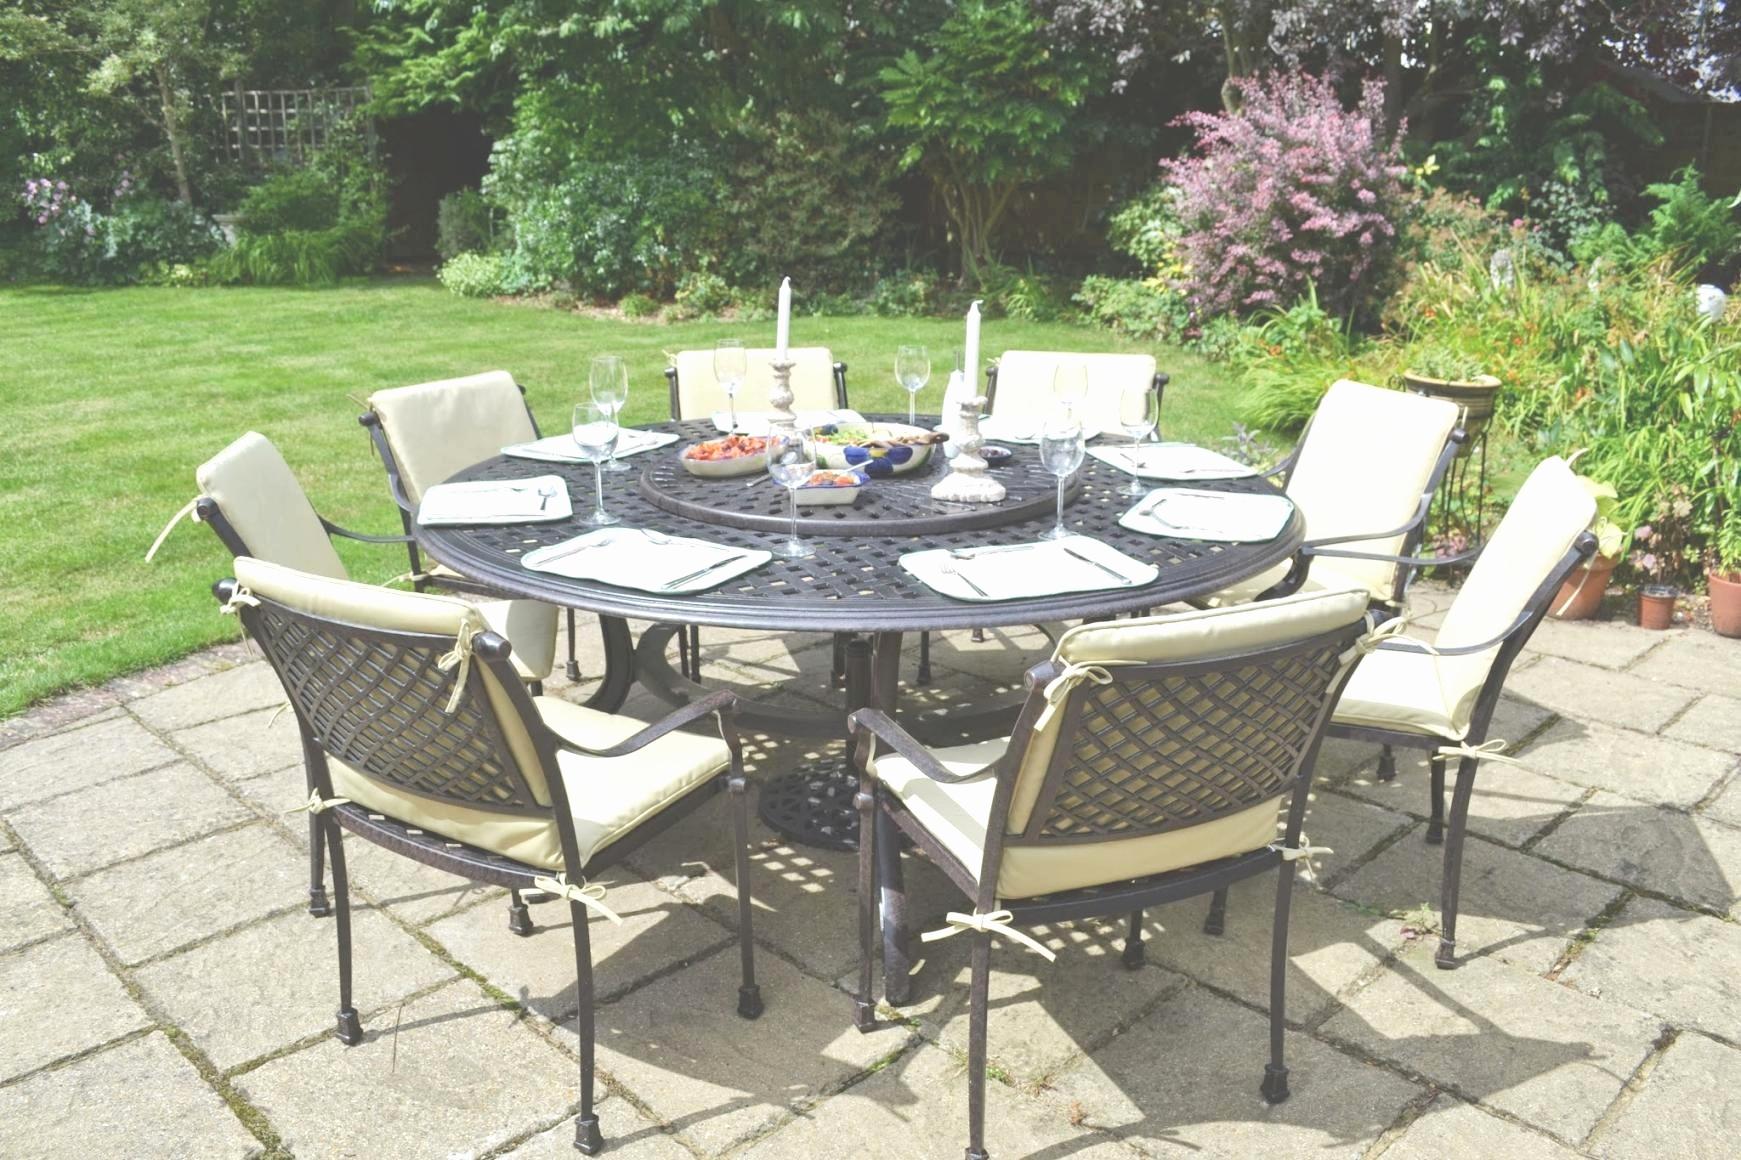 Magasin Usine Grosfillex Luxe Stock Grosfillex Salon De Jardin Unique Salon De Jardin Design En solde